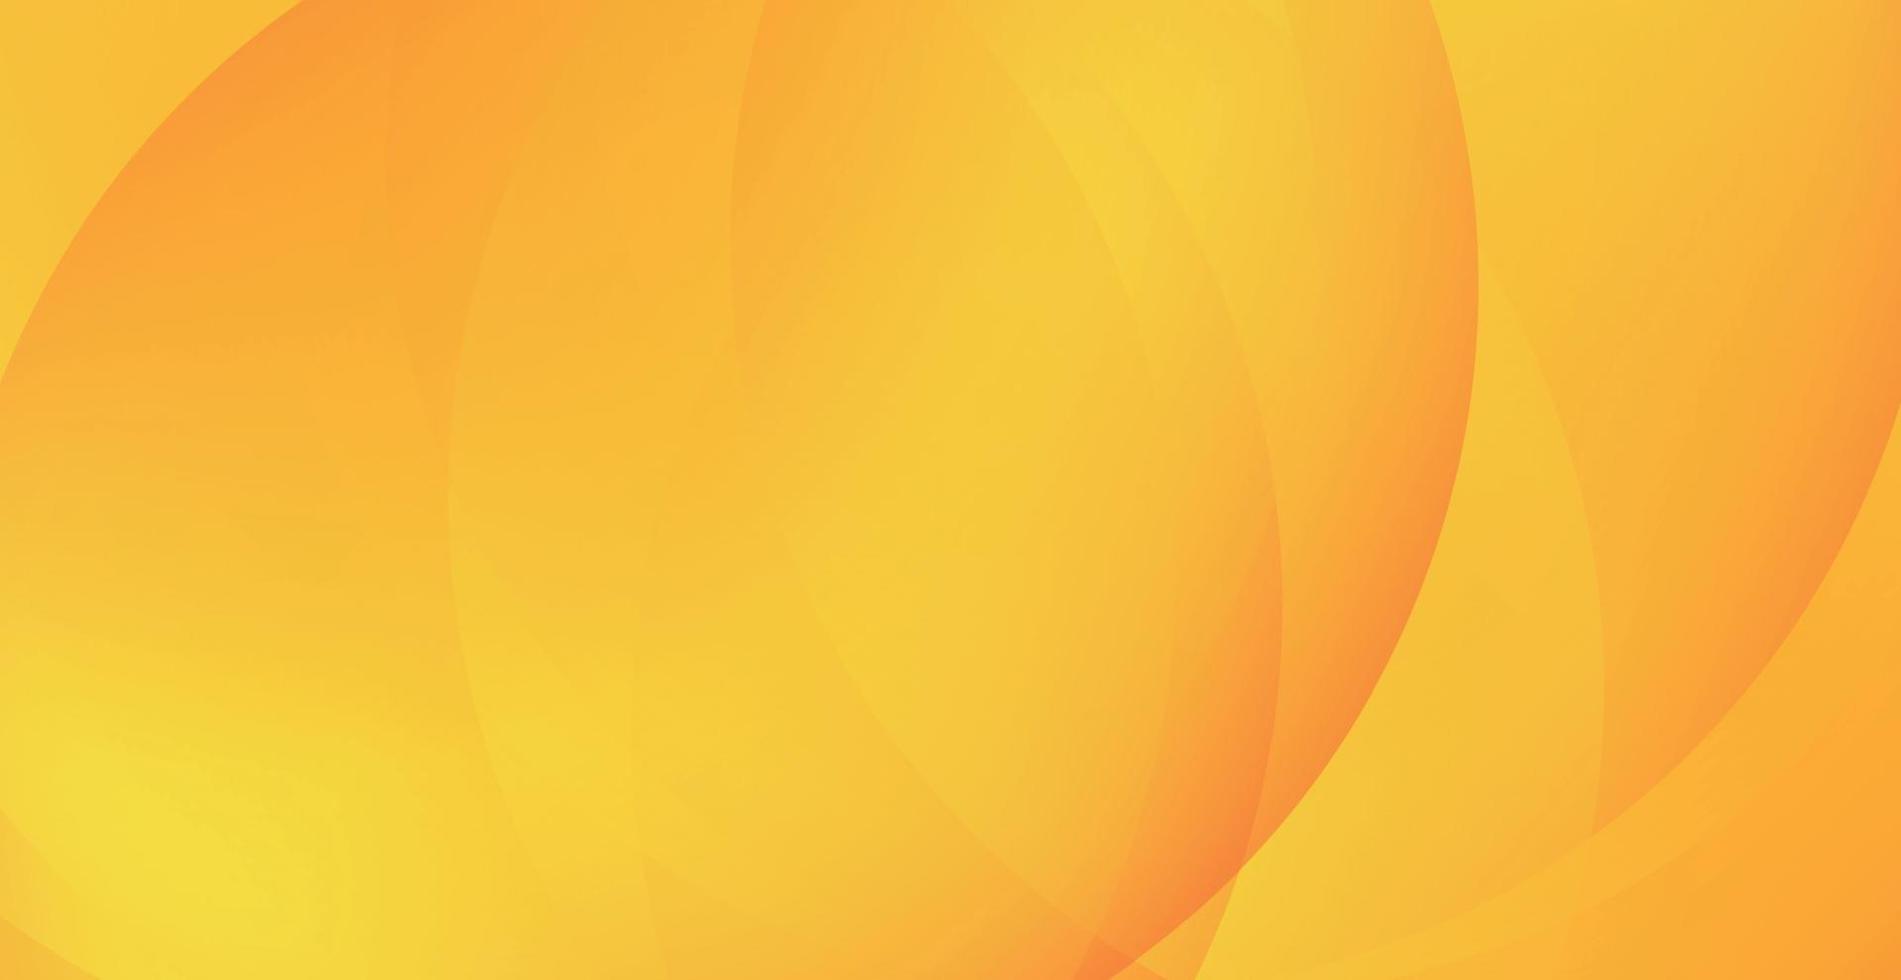 Fondo naranja abstracto con líneas onduladas - vector